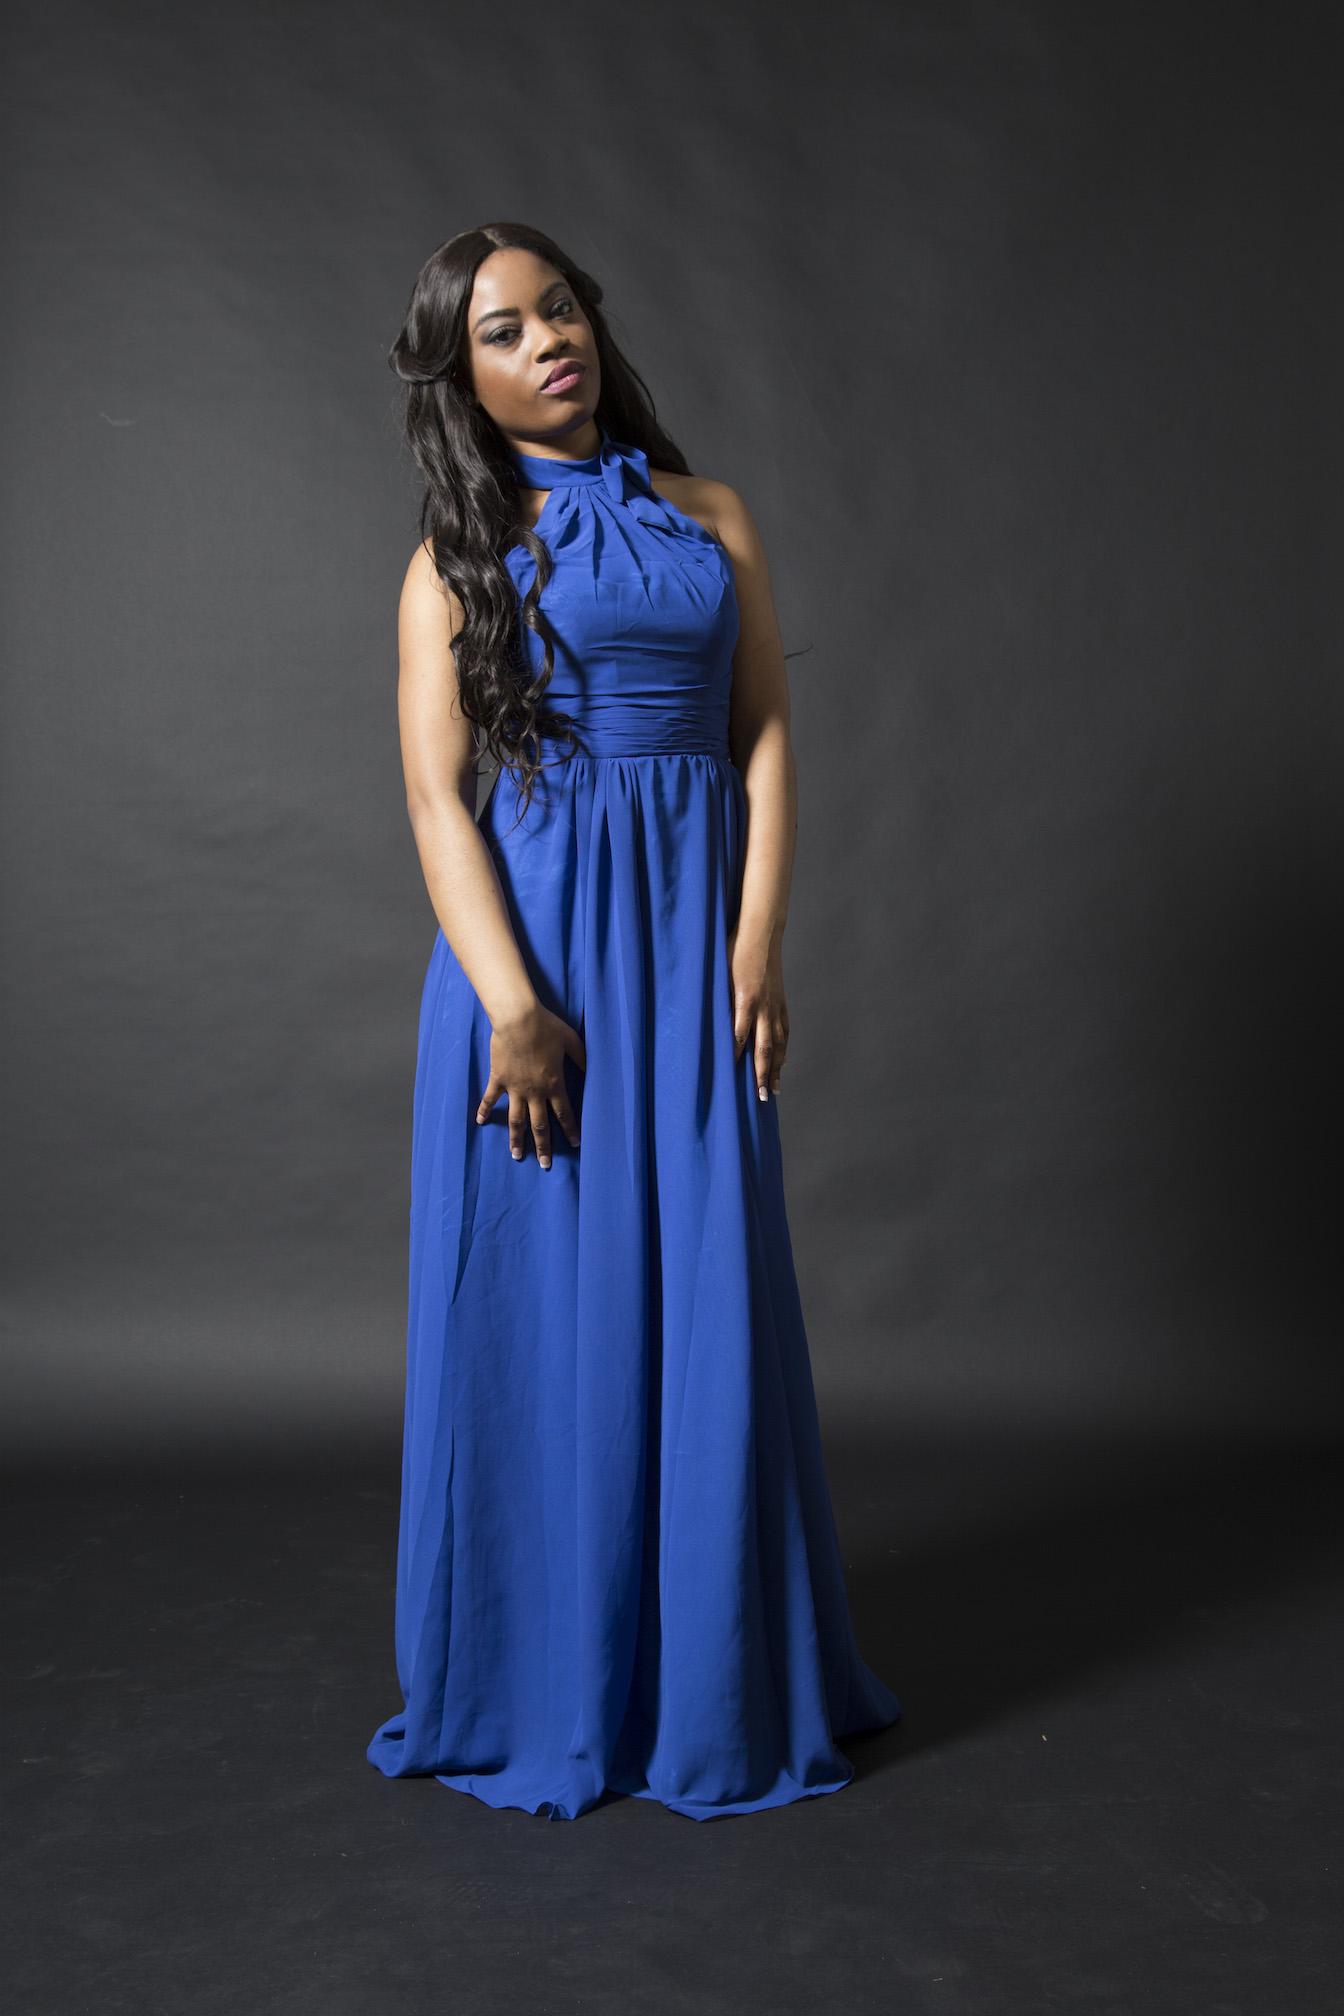 bluebridesmaid